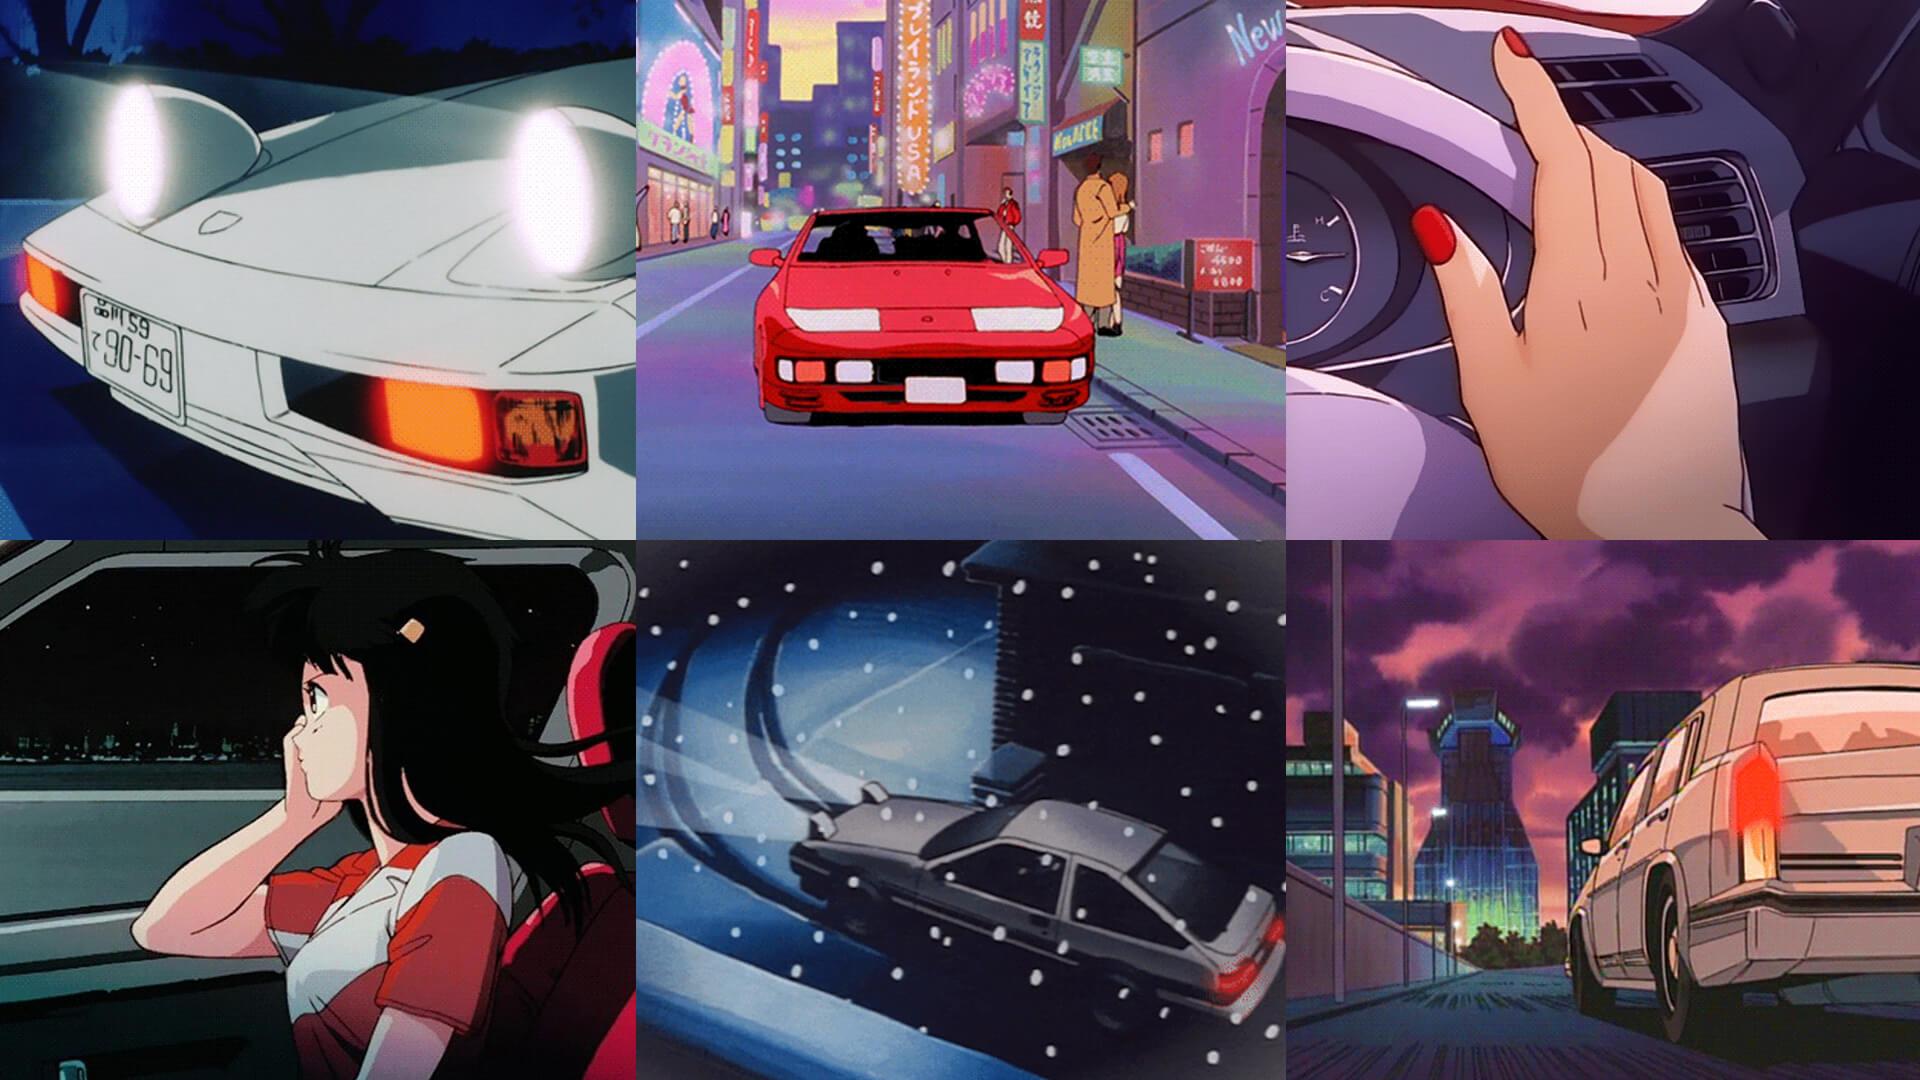 Anime Car Aesthetic